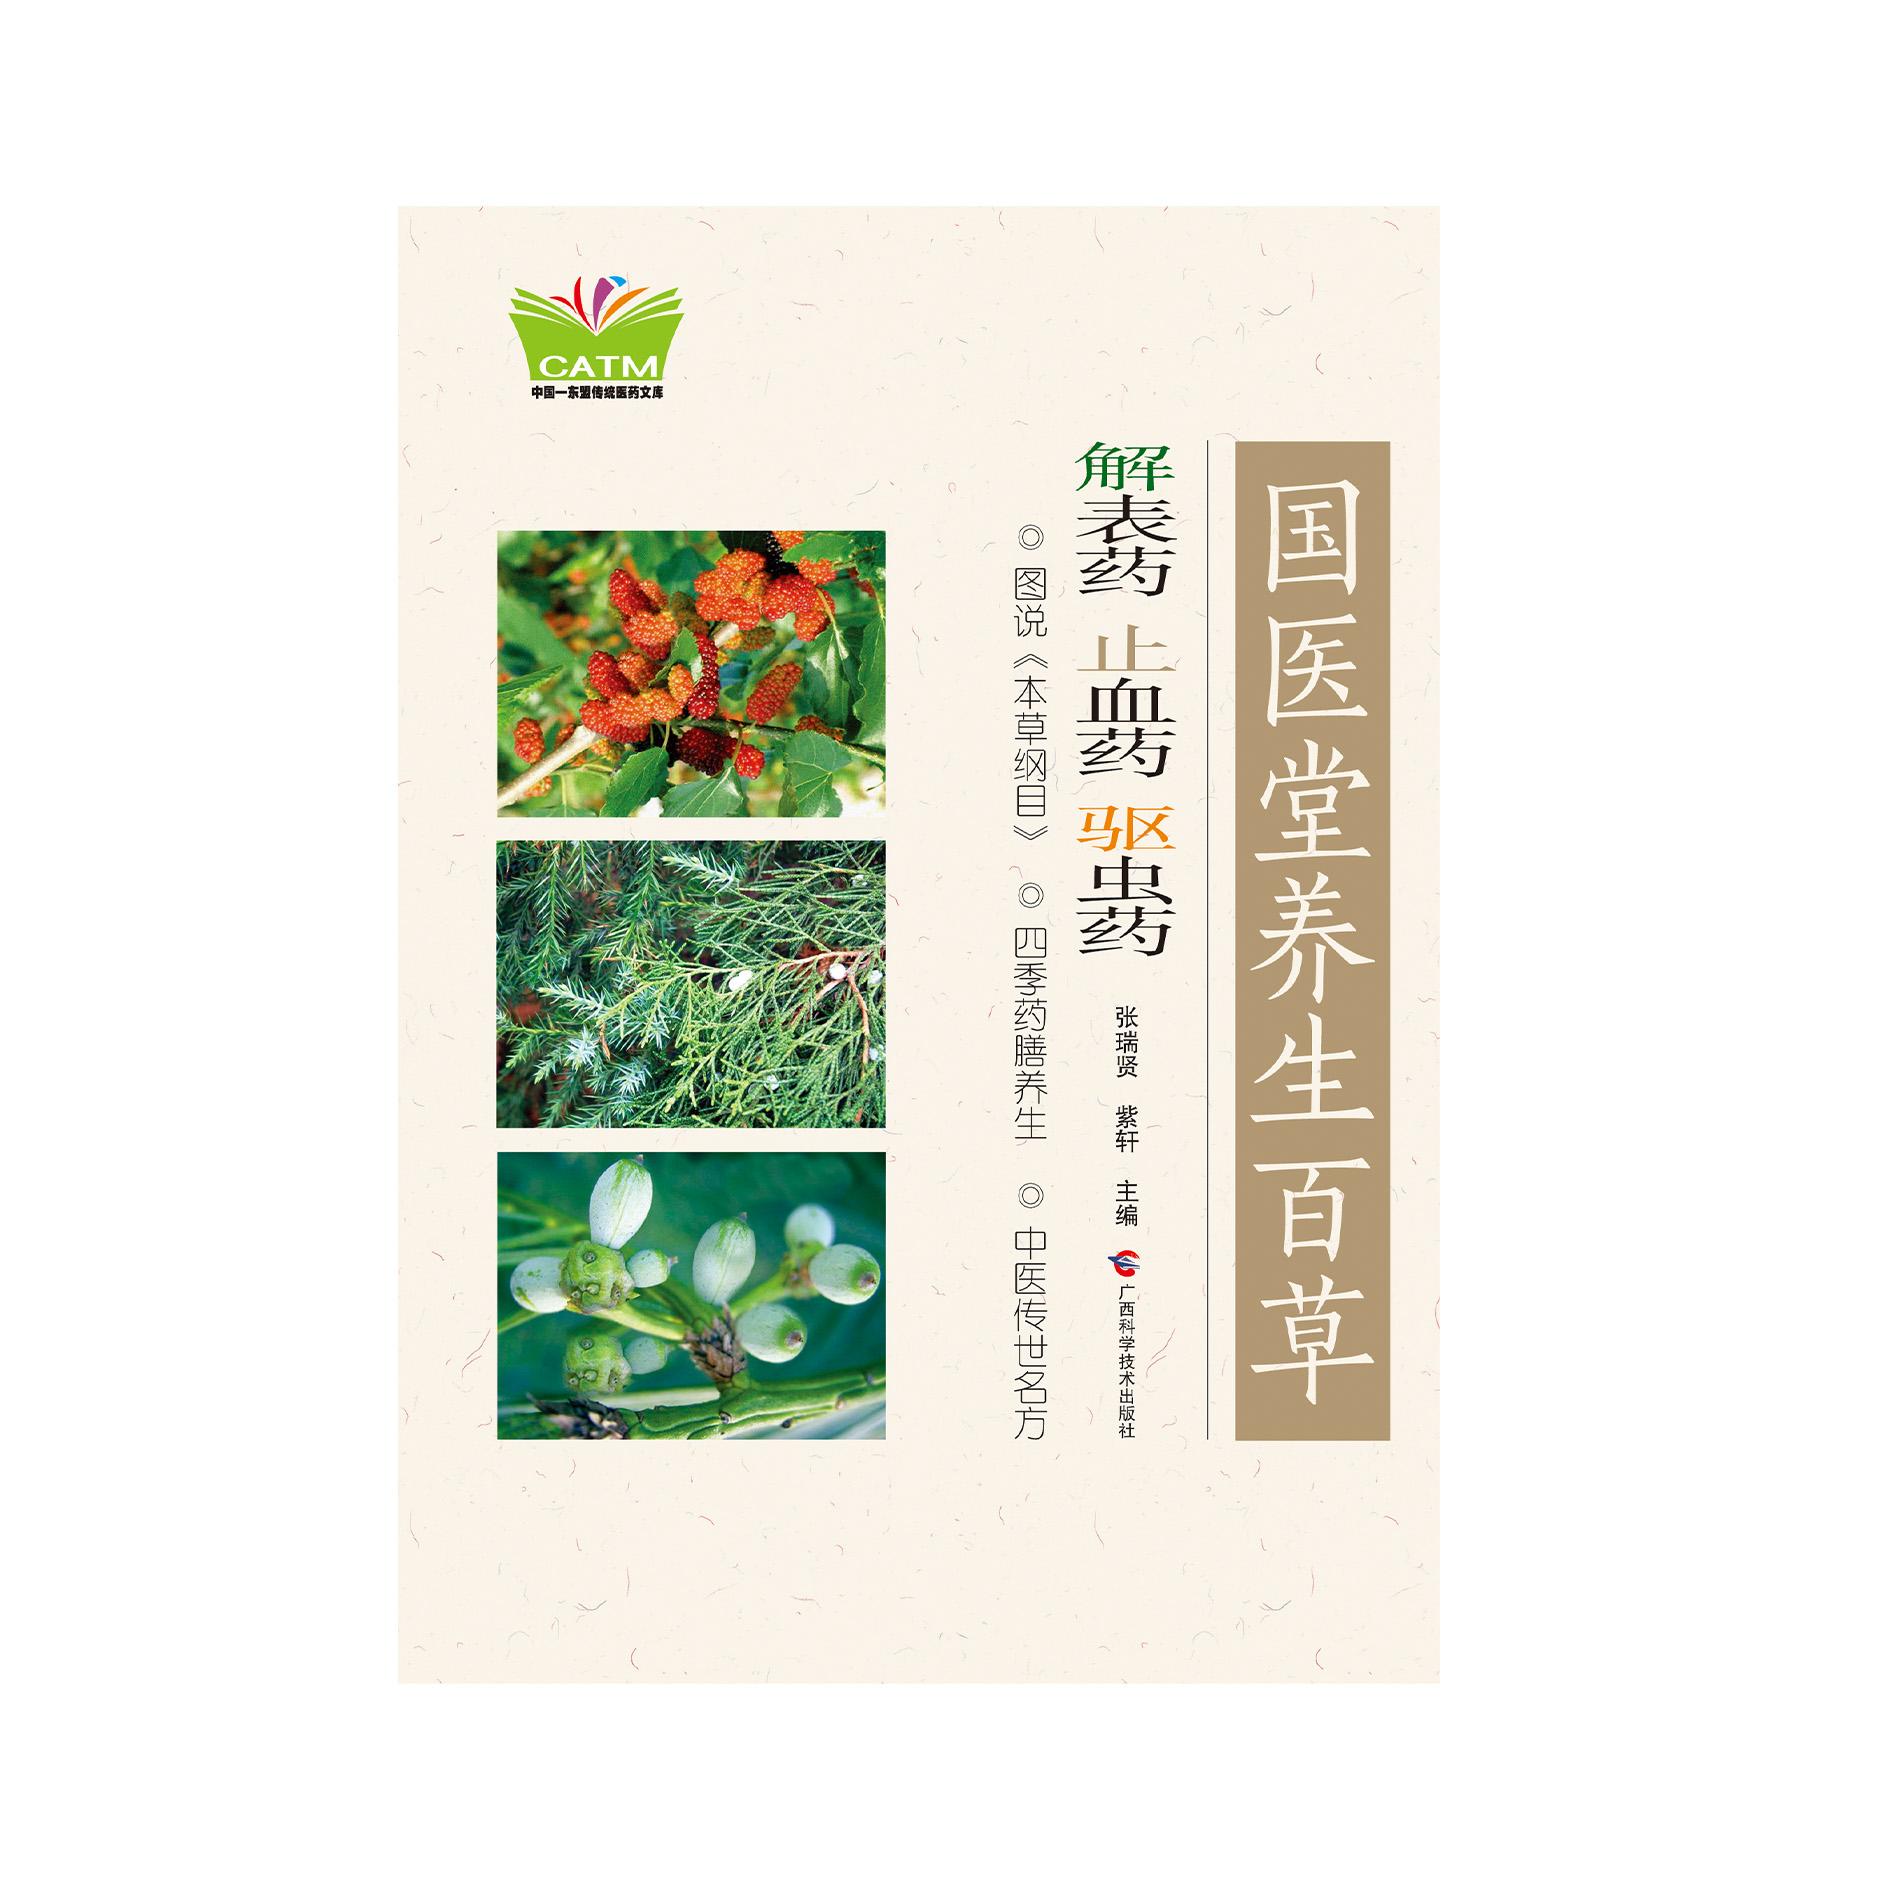 Rumput Kesihatan Dewan Guoyi-Ubat Hilangkan Gejala, Hentikan Pendarahan, Halaukan Serangga(Edisi Pindaan)